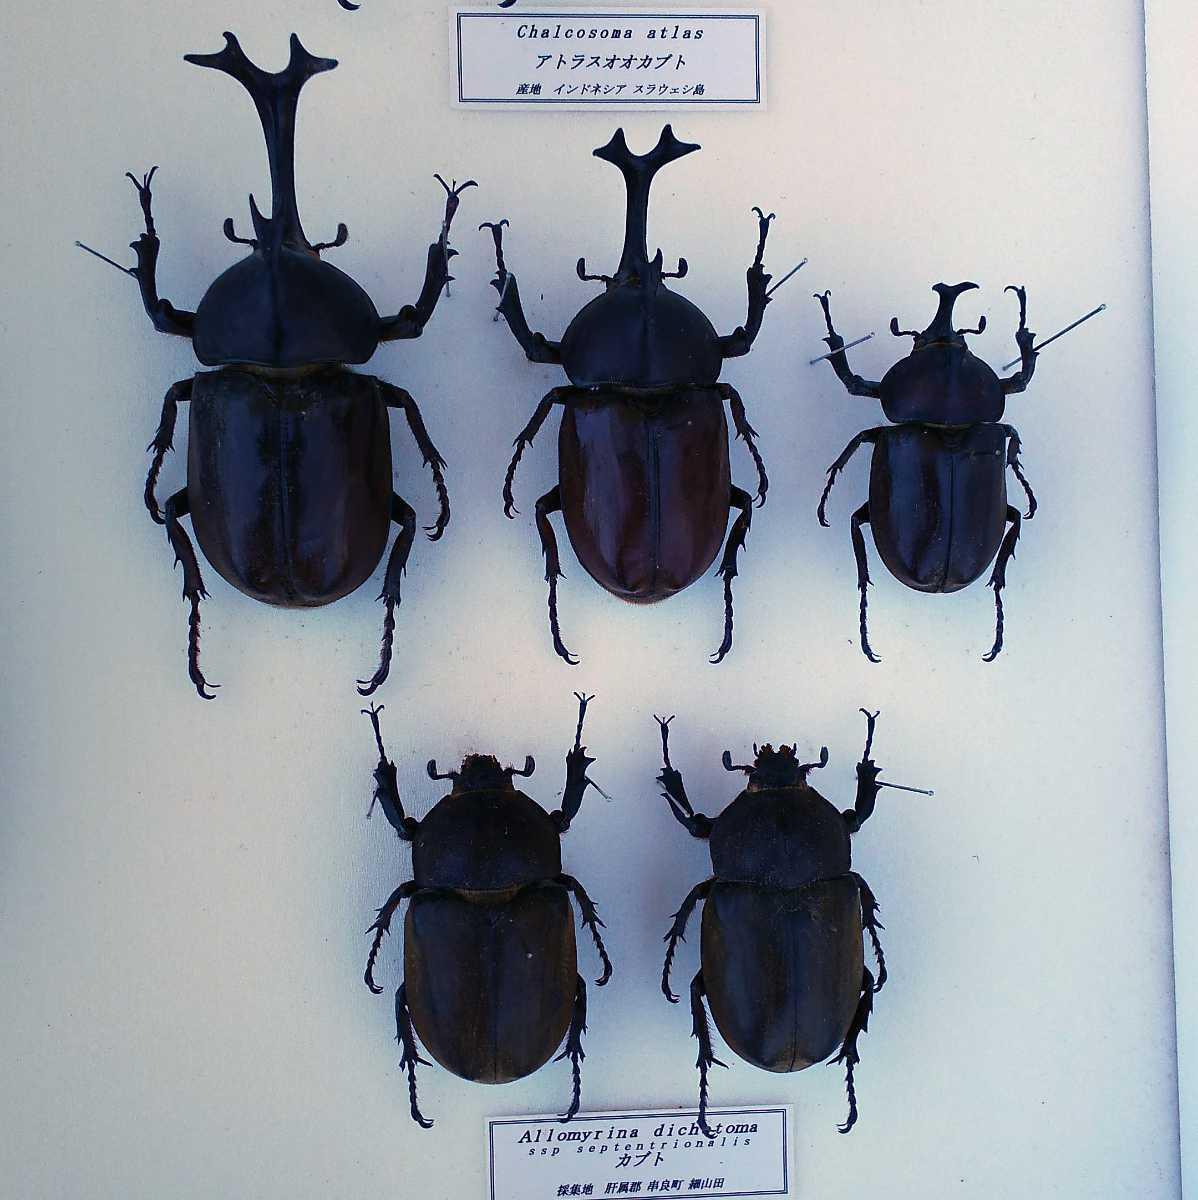 値段交渉OK 昆虫標本 カブトムシ 31頭 ドイツ箱_画像7